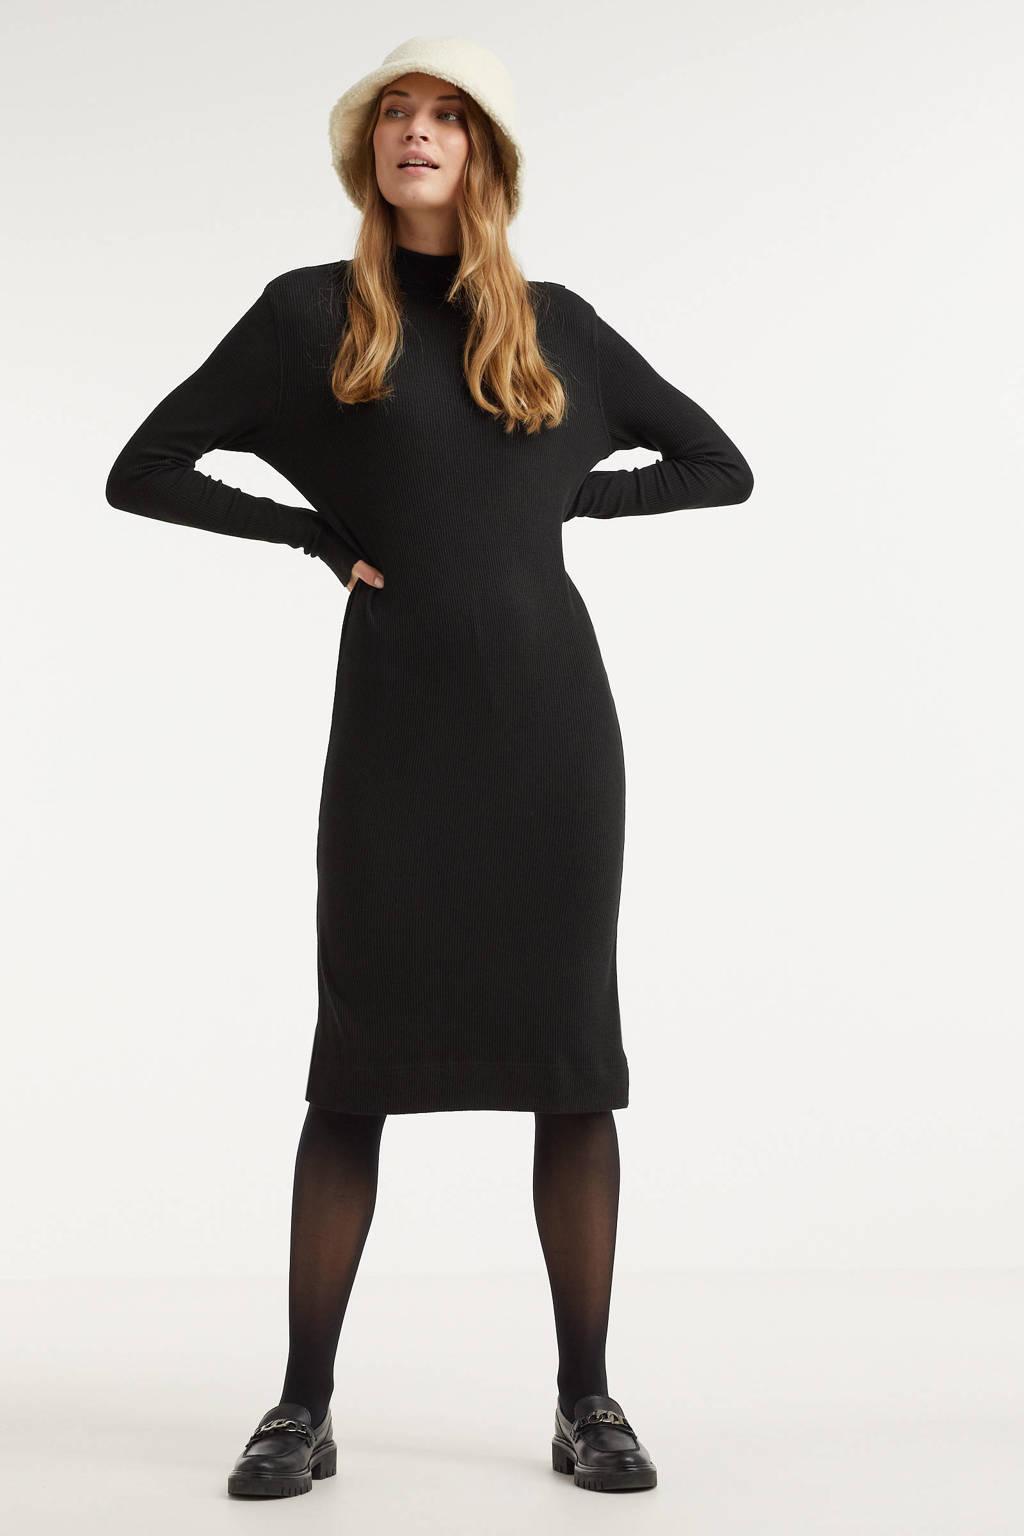 G-Star RAW fijngebreide jurk zwart, Zwart